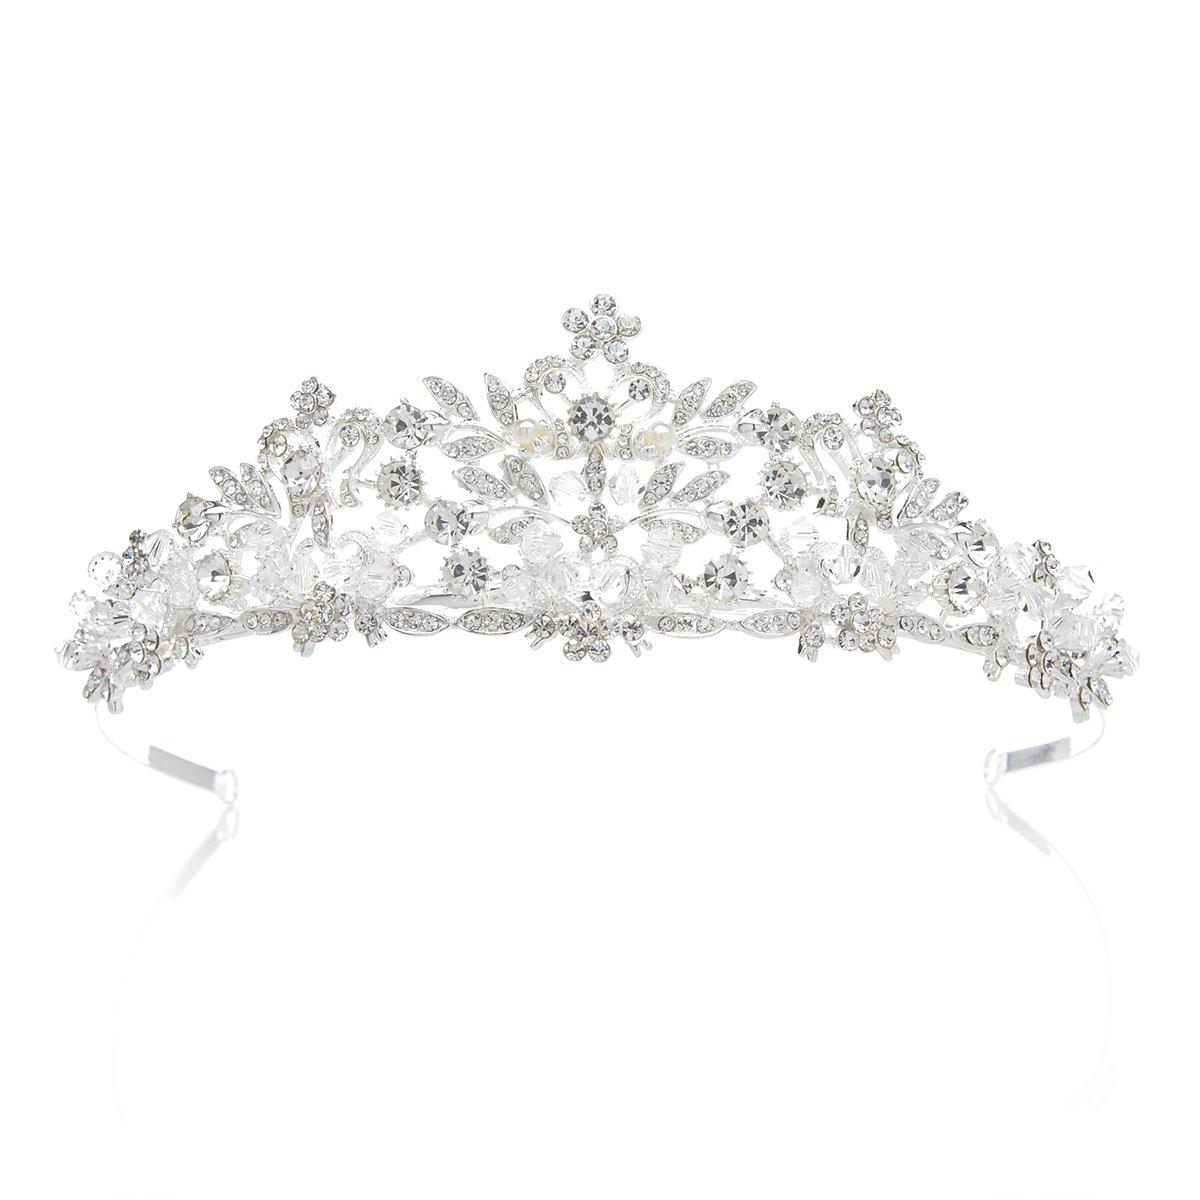 SWEETV Magnifique Cristal Princesse Couronne Diadème Accessoire de Costume pour Mariage Soirée Fête, Argent SVDHG1609C12